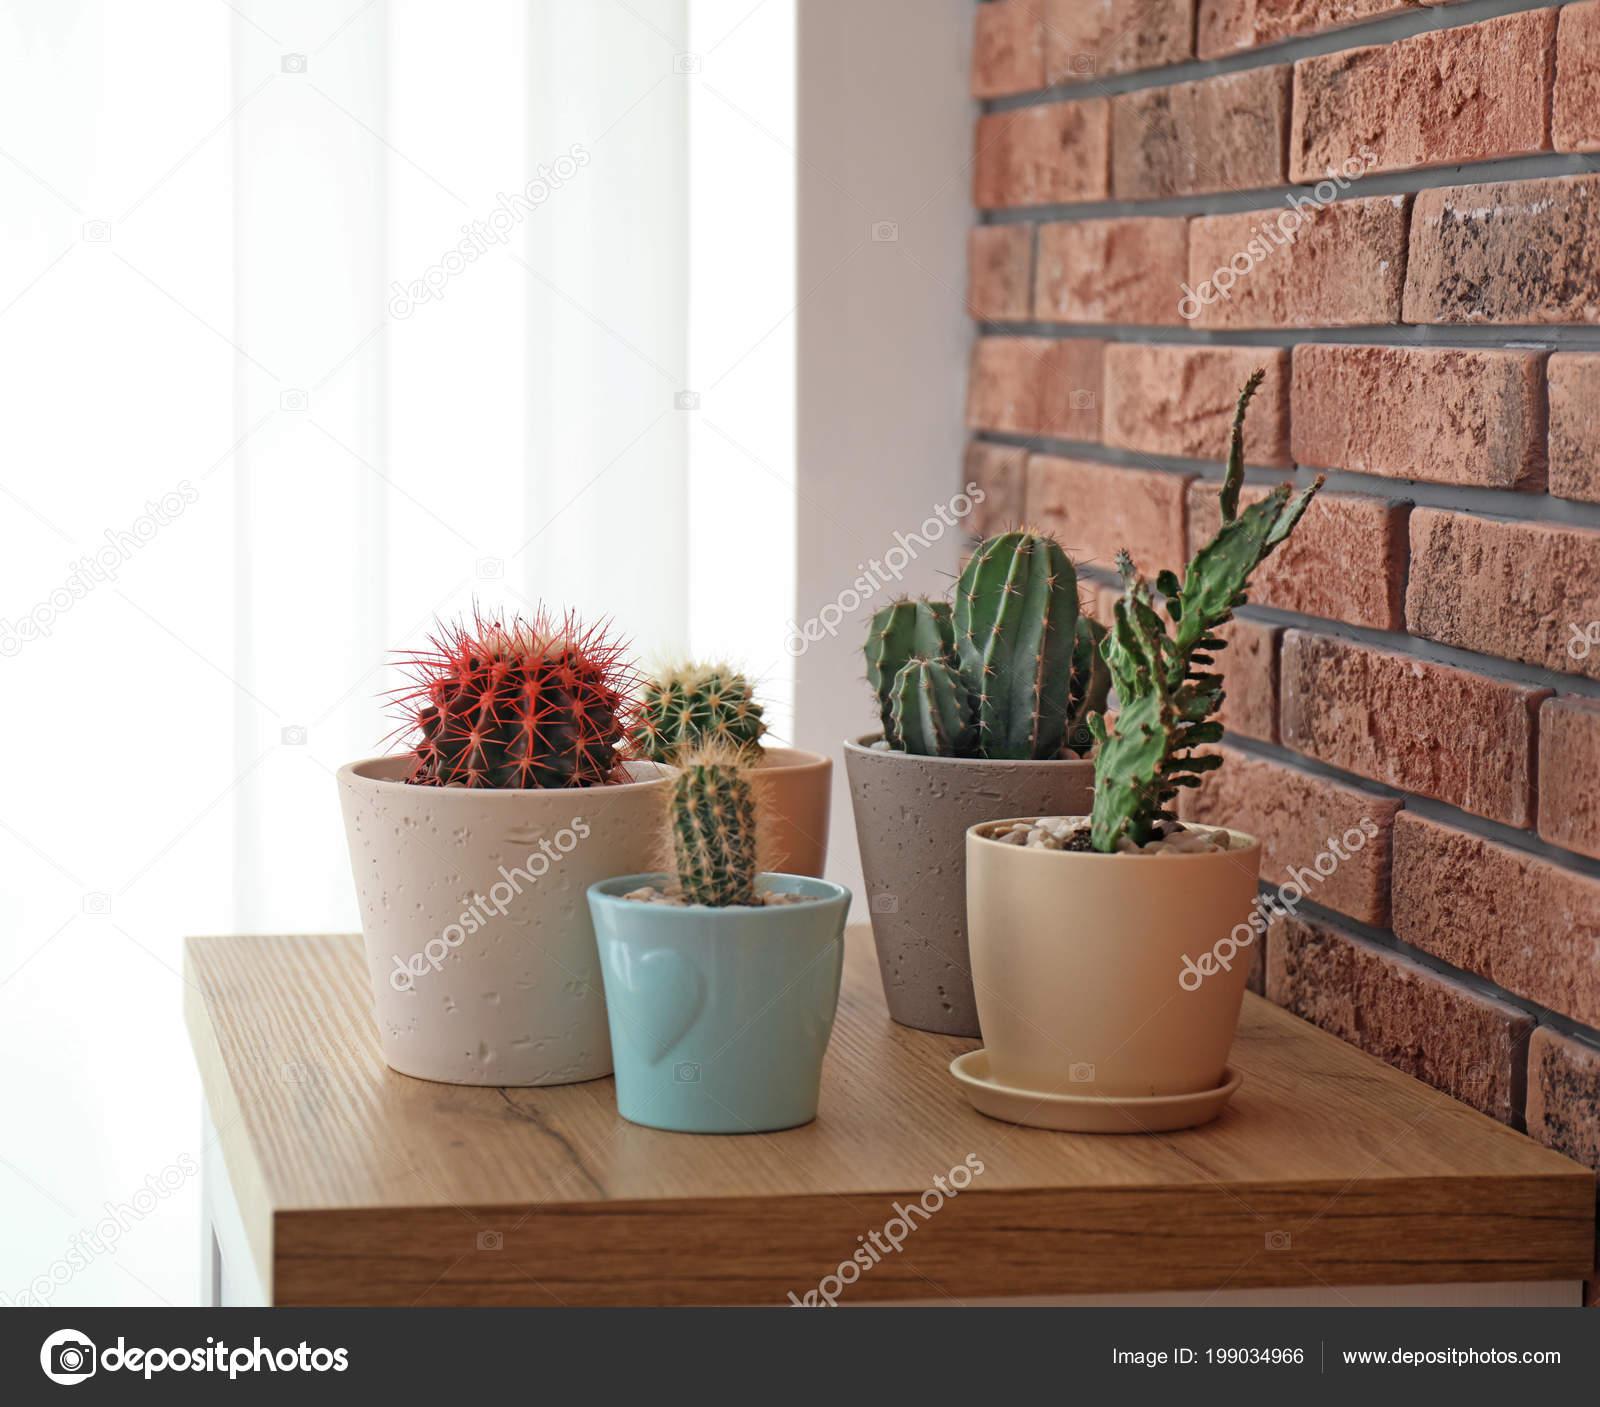 Piękne Kaktusy Doniczki Stole Pobliżu Mur Cegły Zdjęcie